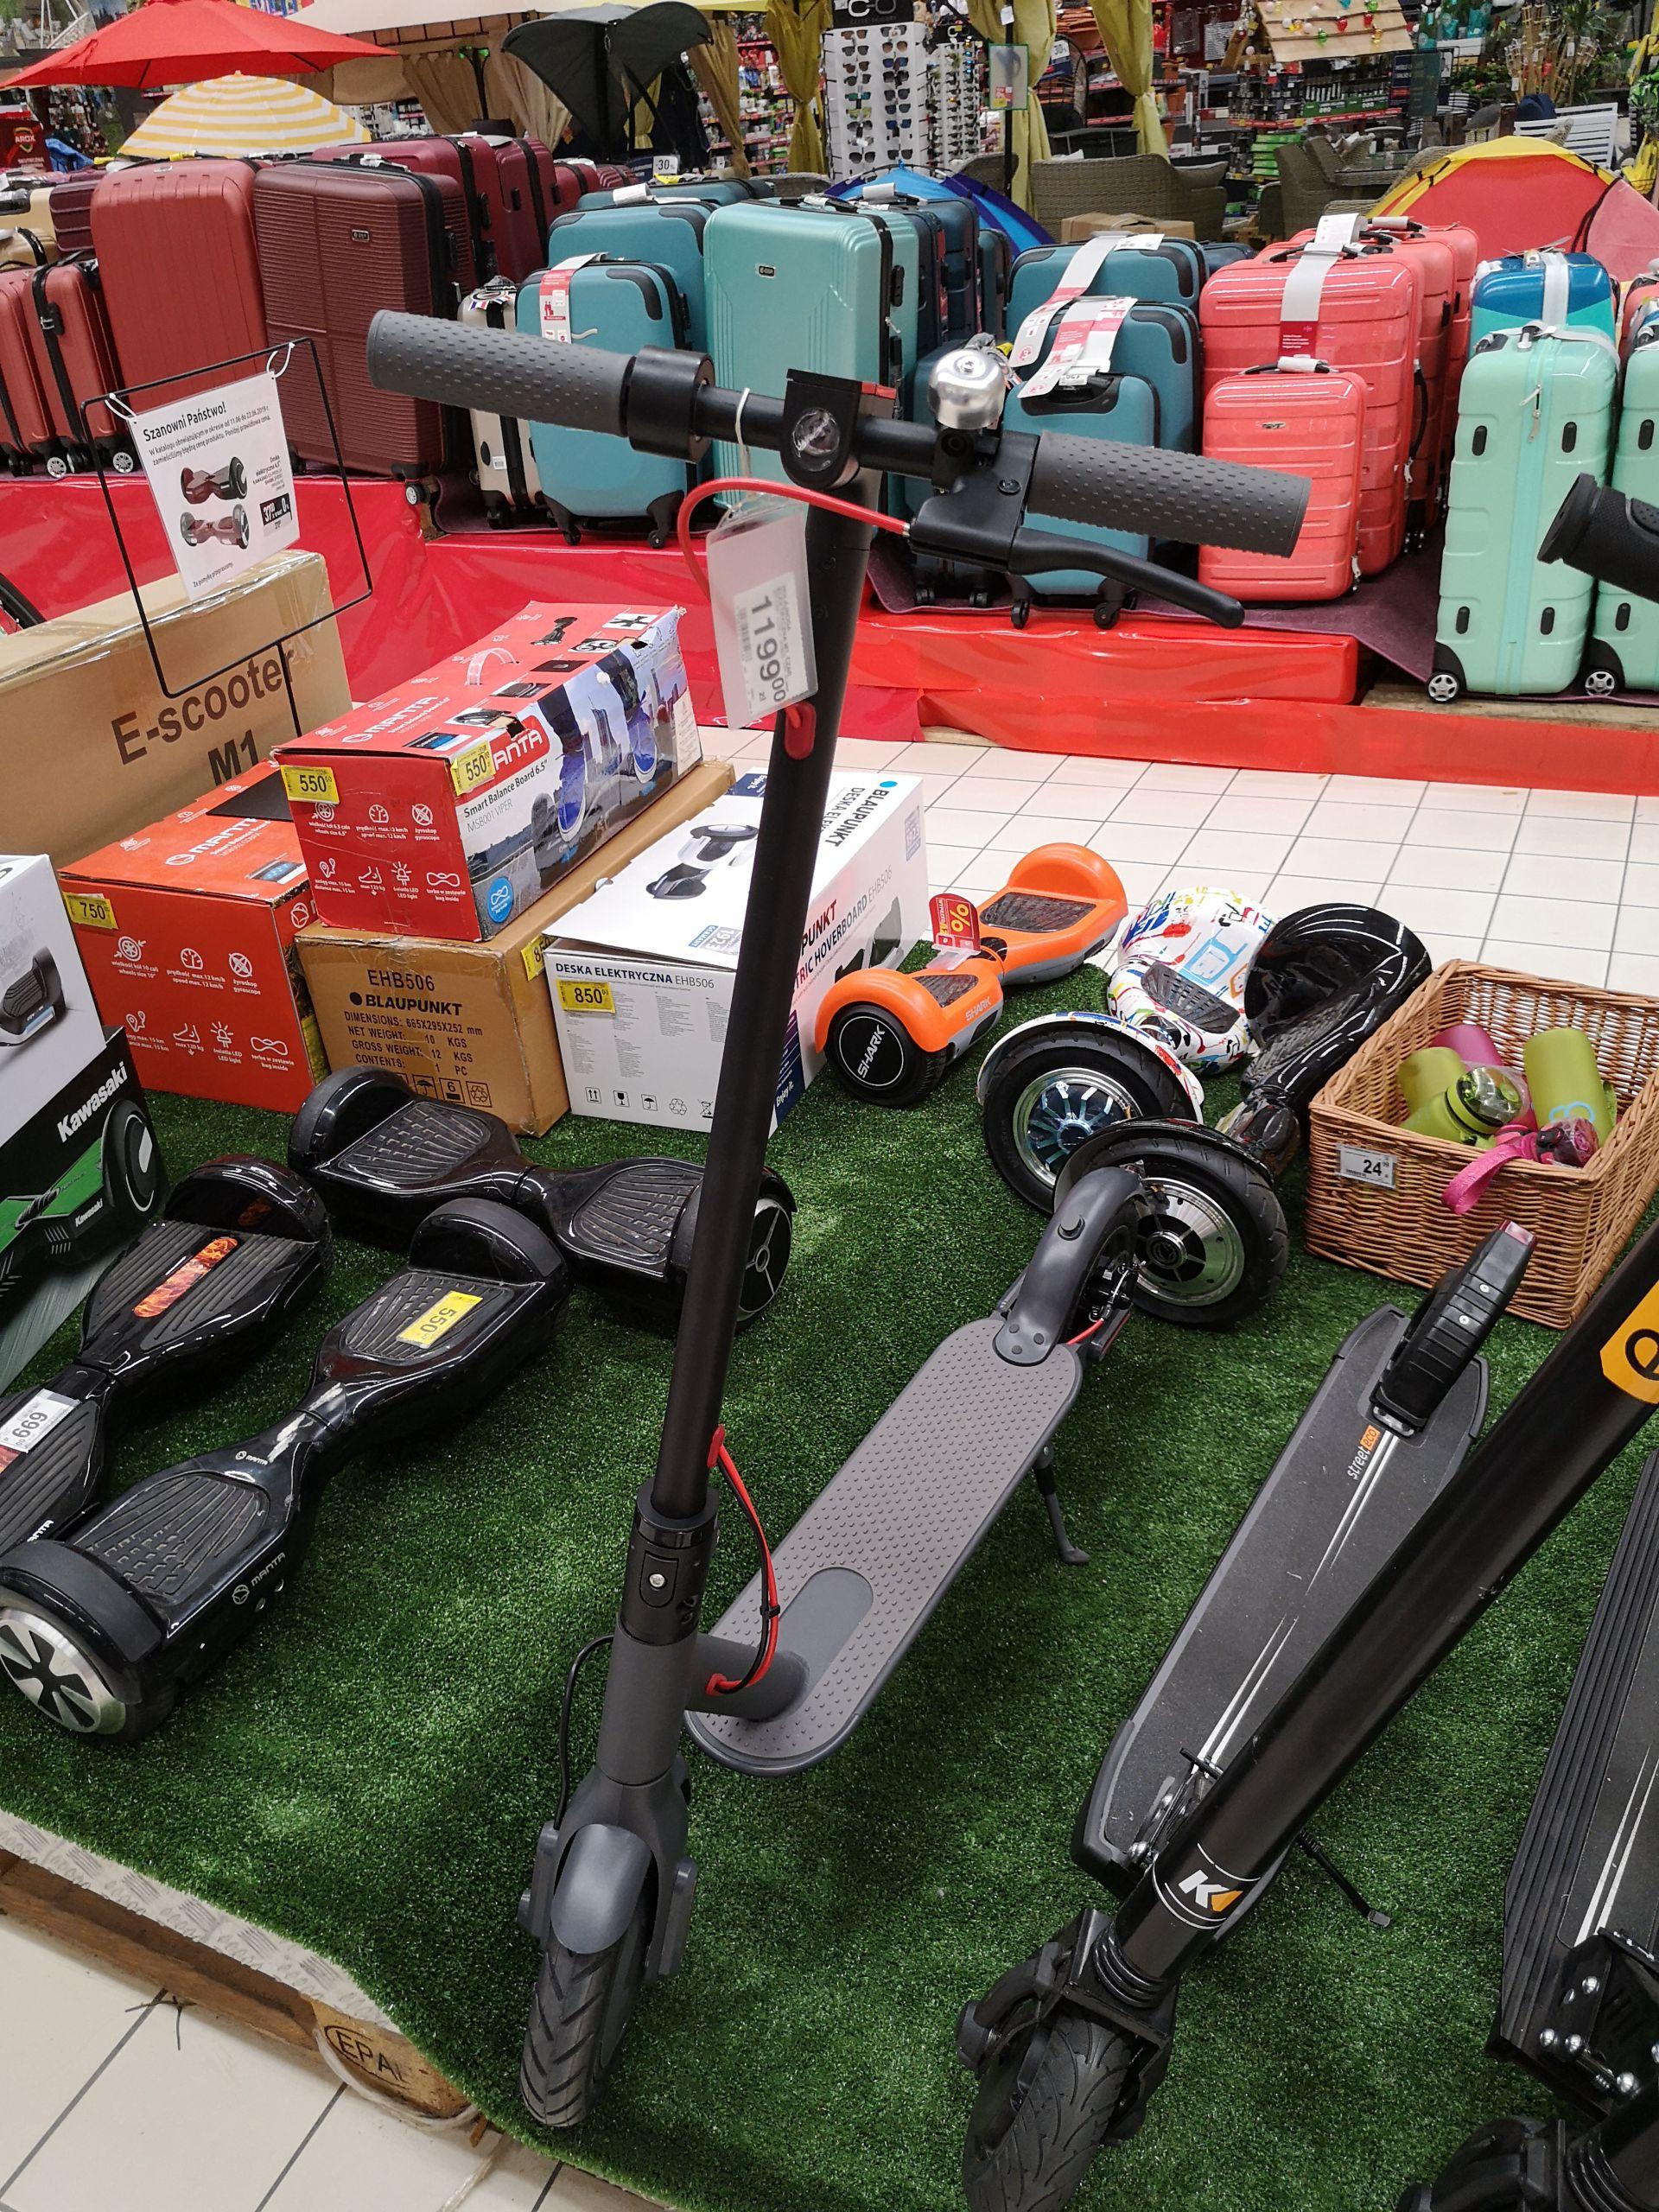 Hulajnoga elektryczna E-scooter M1